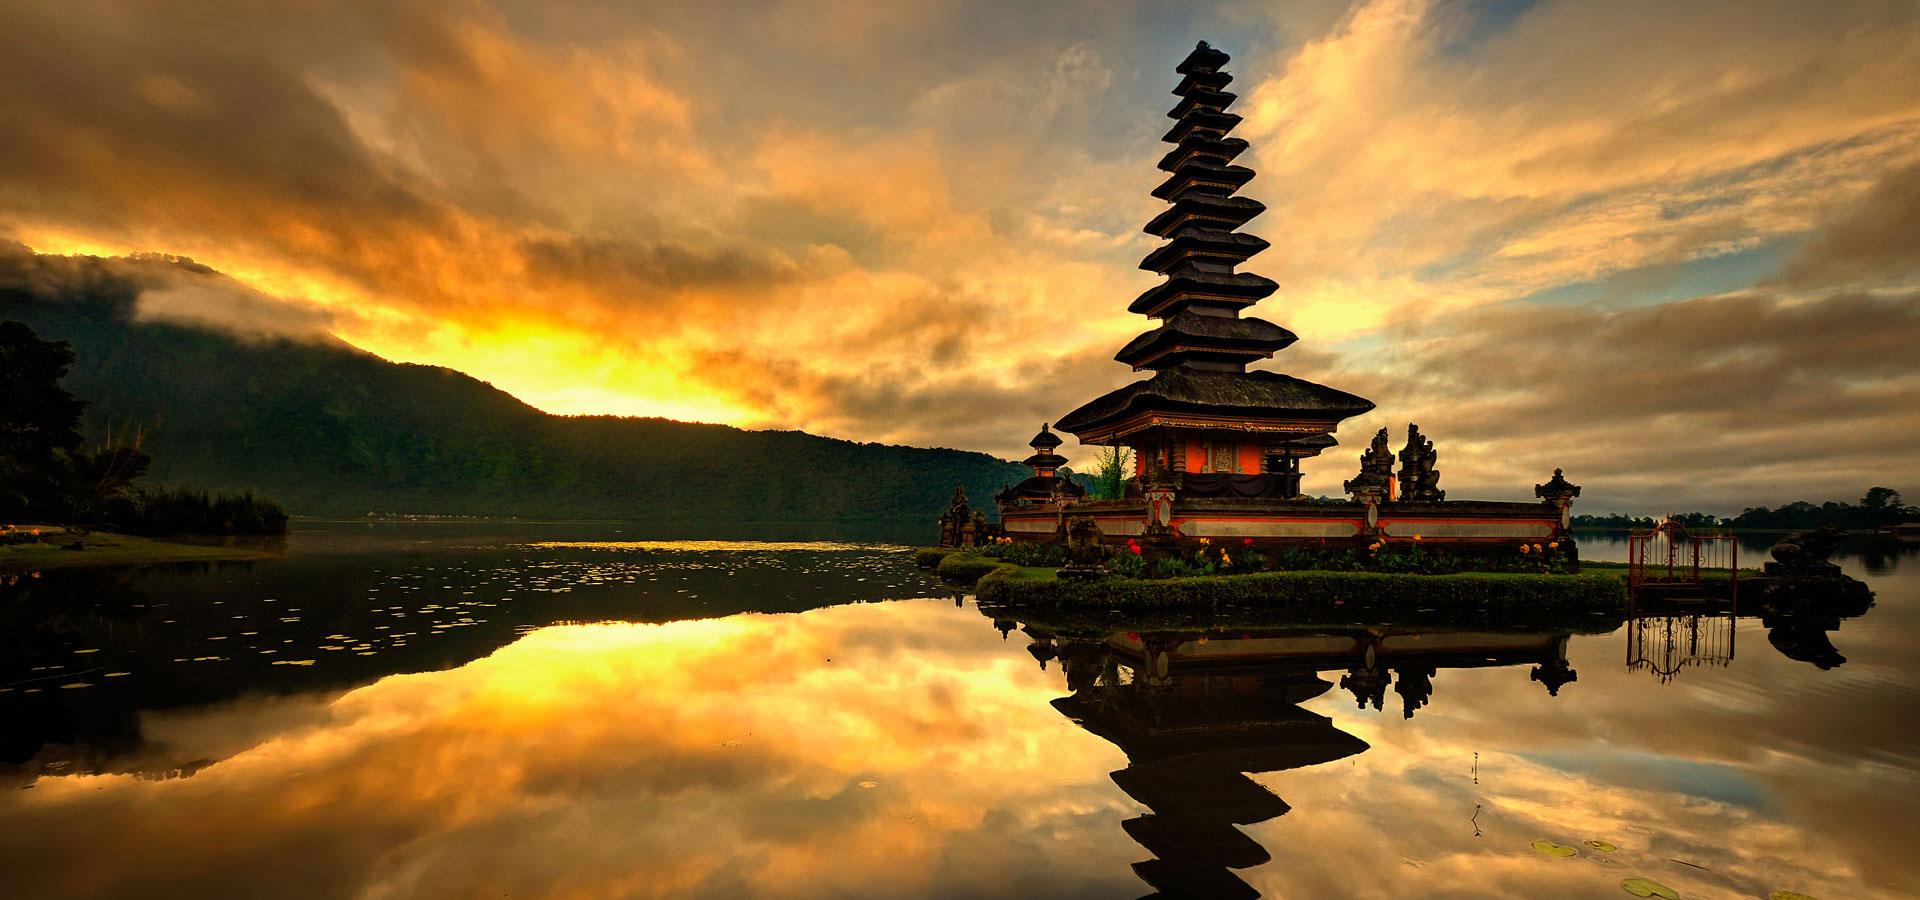 Bratan like temple - cultural activities at samabe